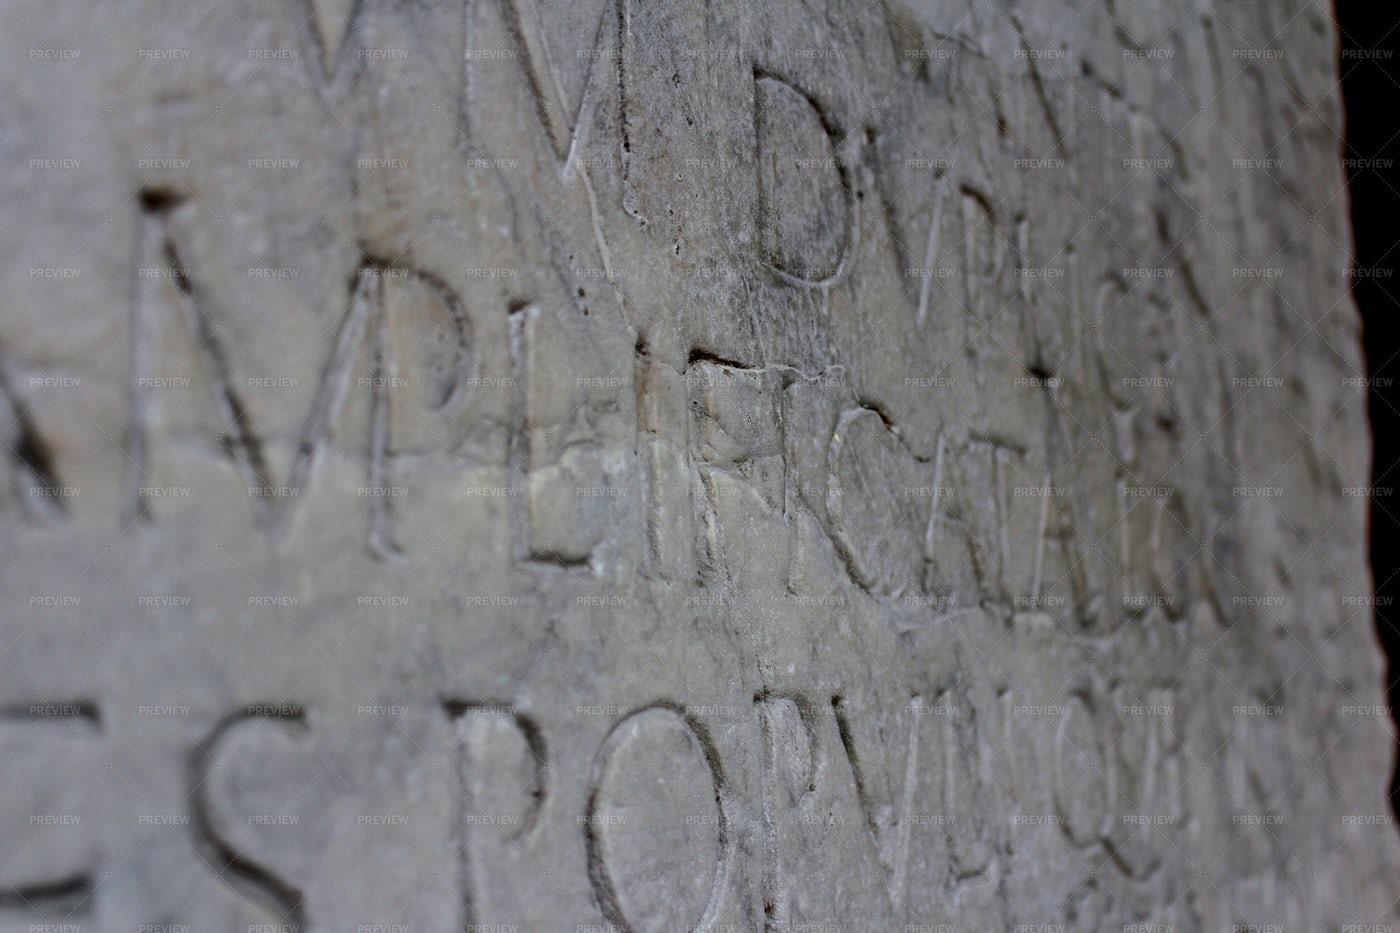 Old Latin Written On White Marble: Stock Photos